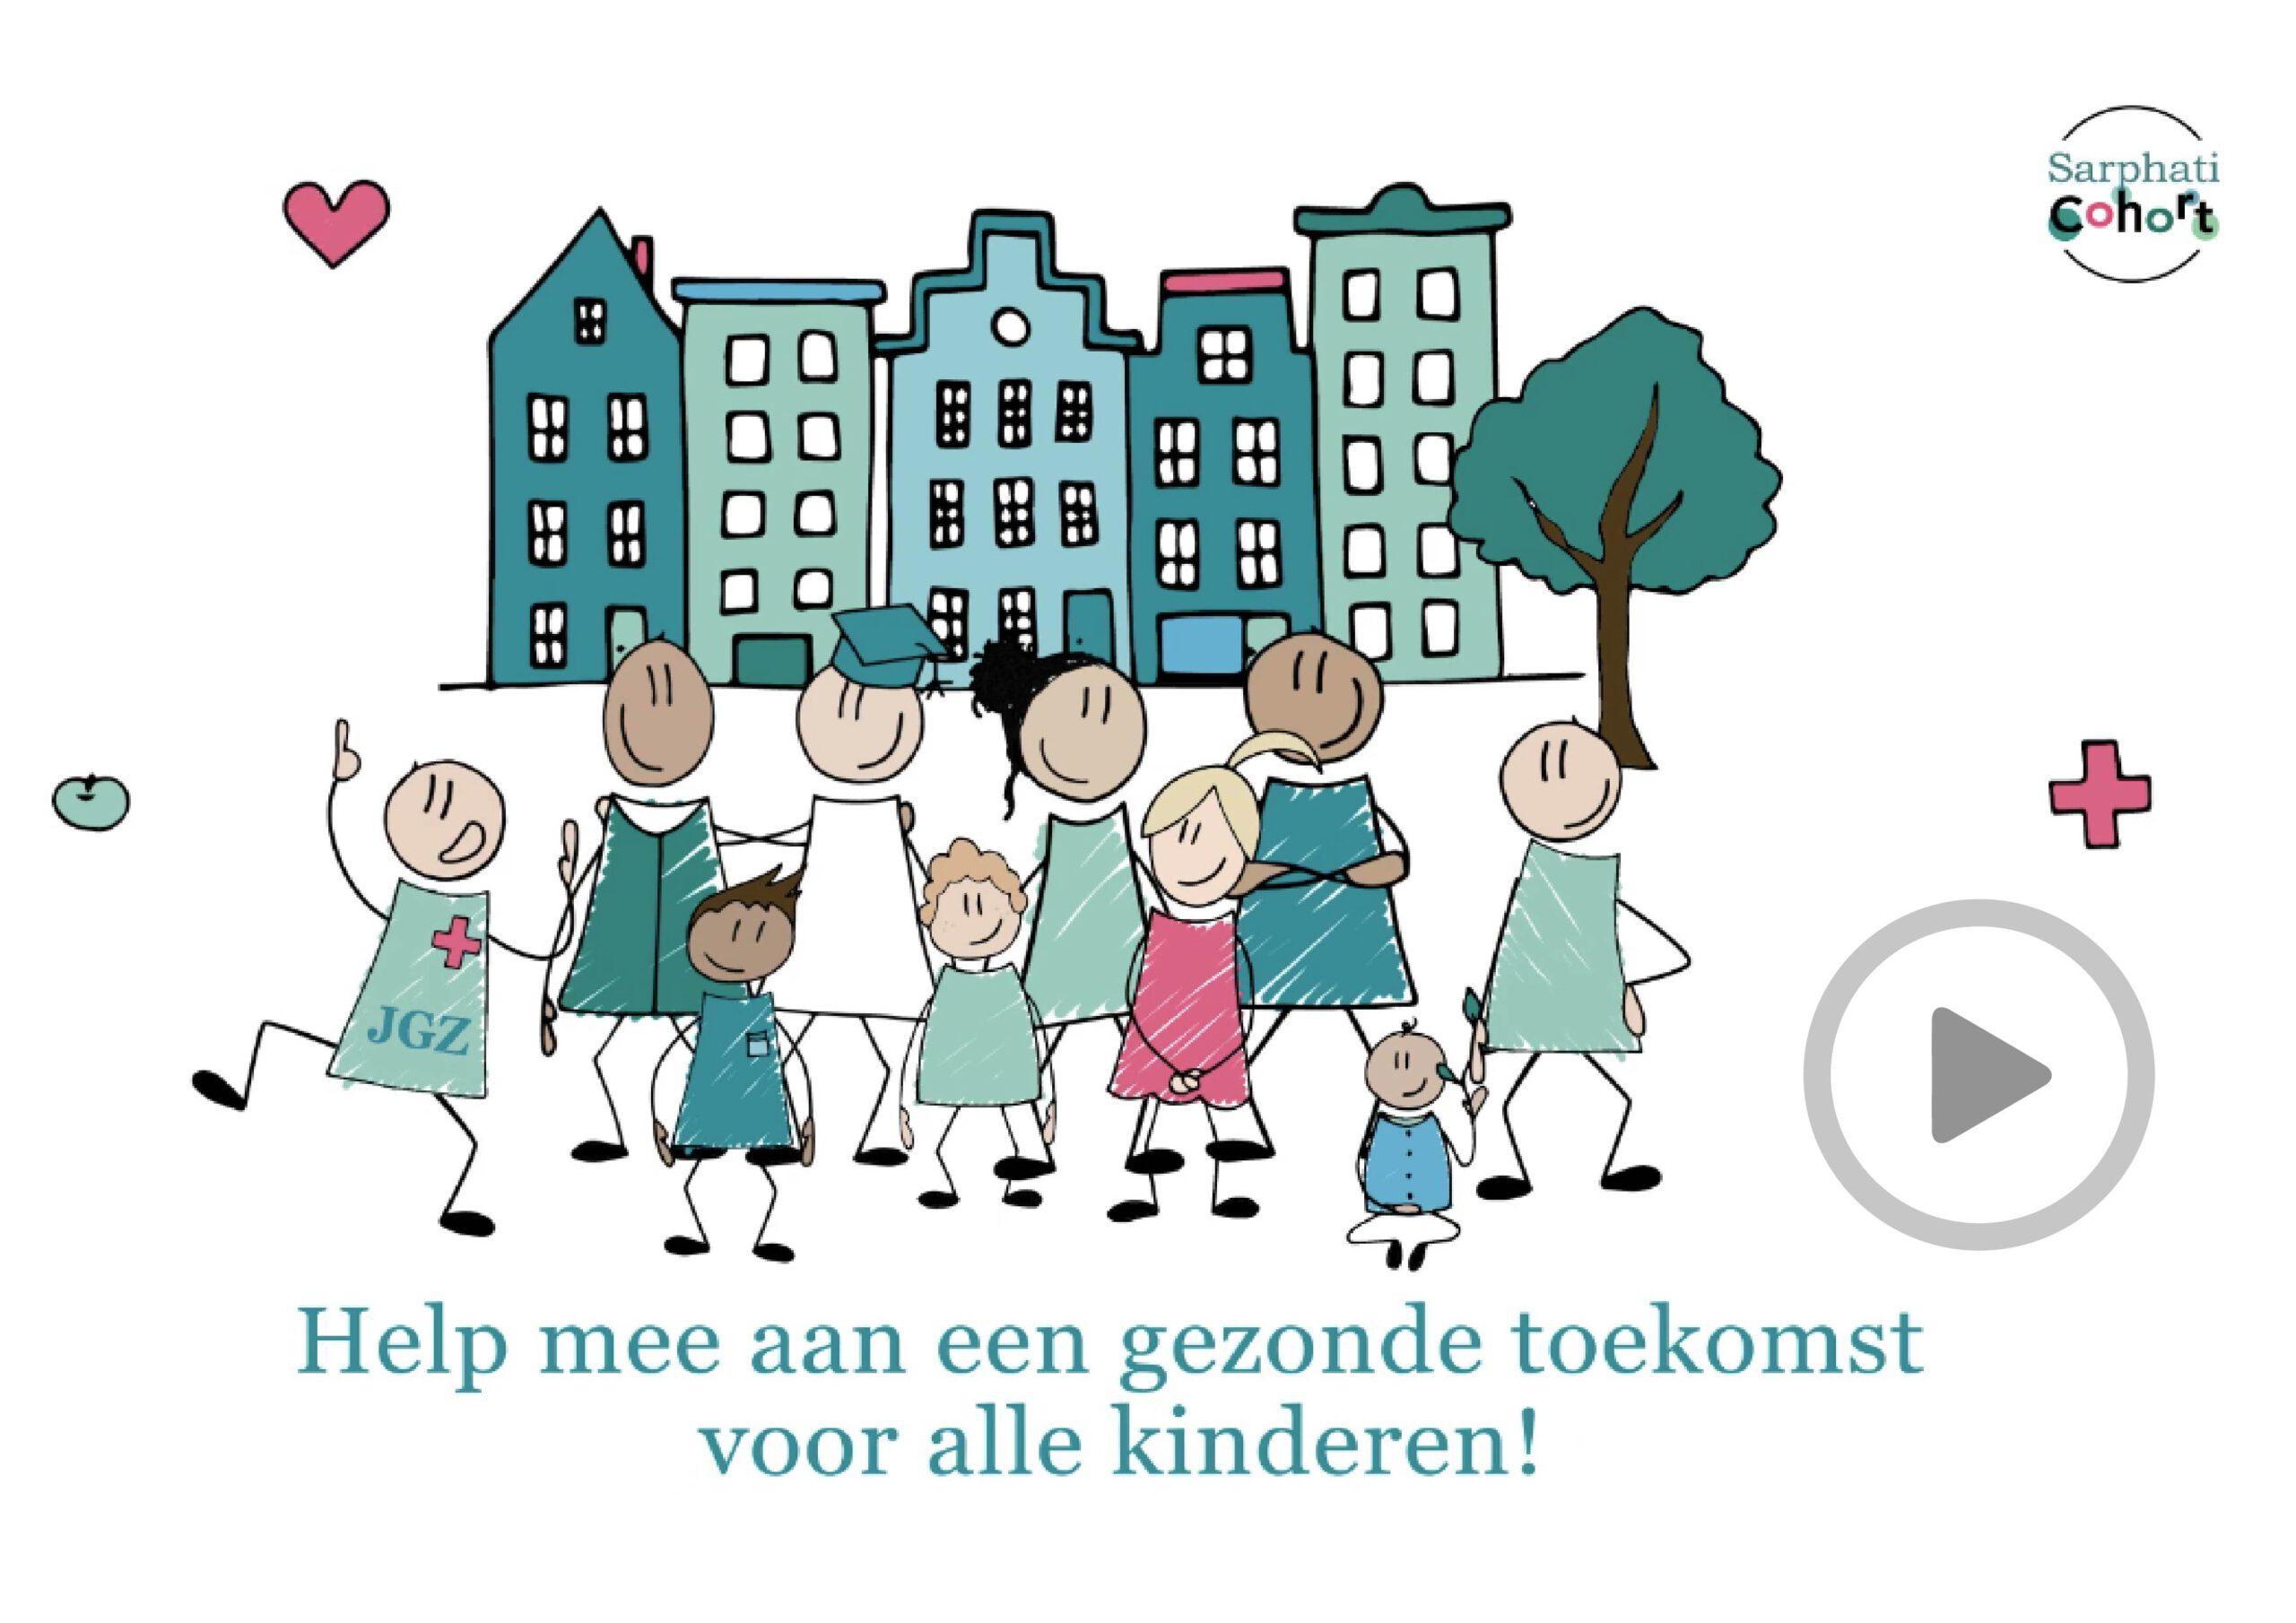 Sarphati Cohort Amsterdam animatie over gezondheid van kinderen